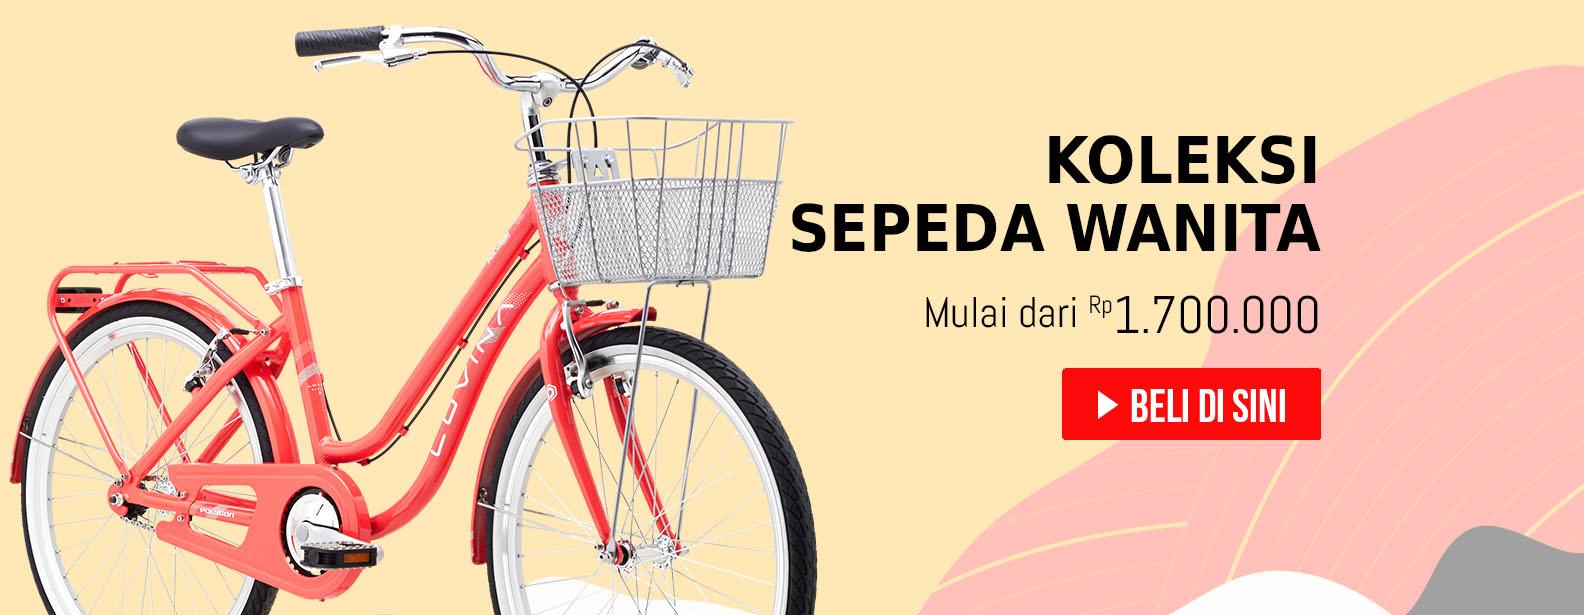 Koleksi Sepeda Wanita